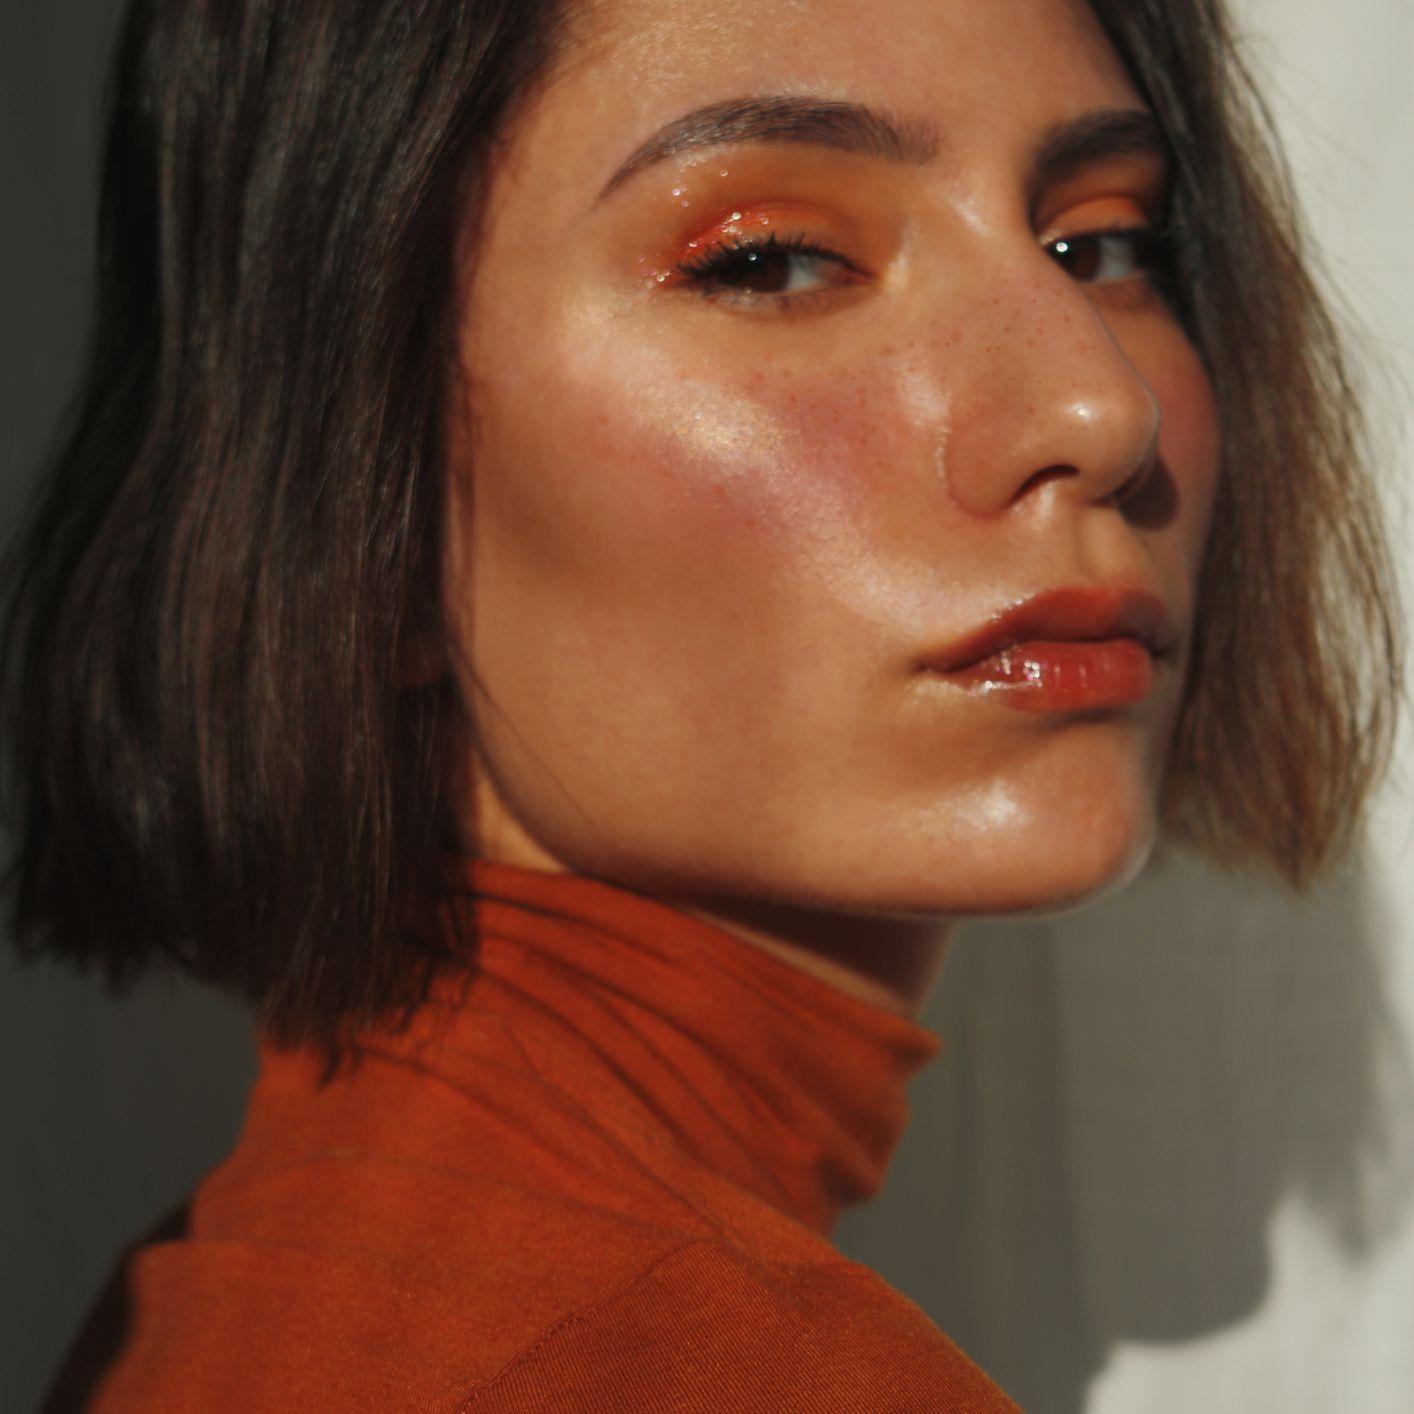 woman with orange eyeshadow